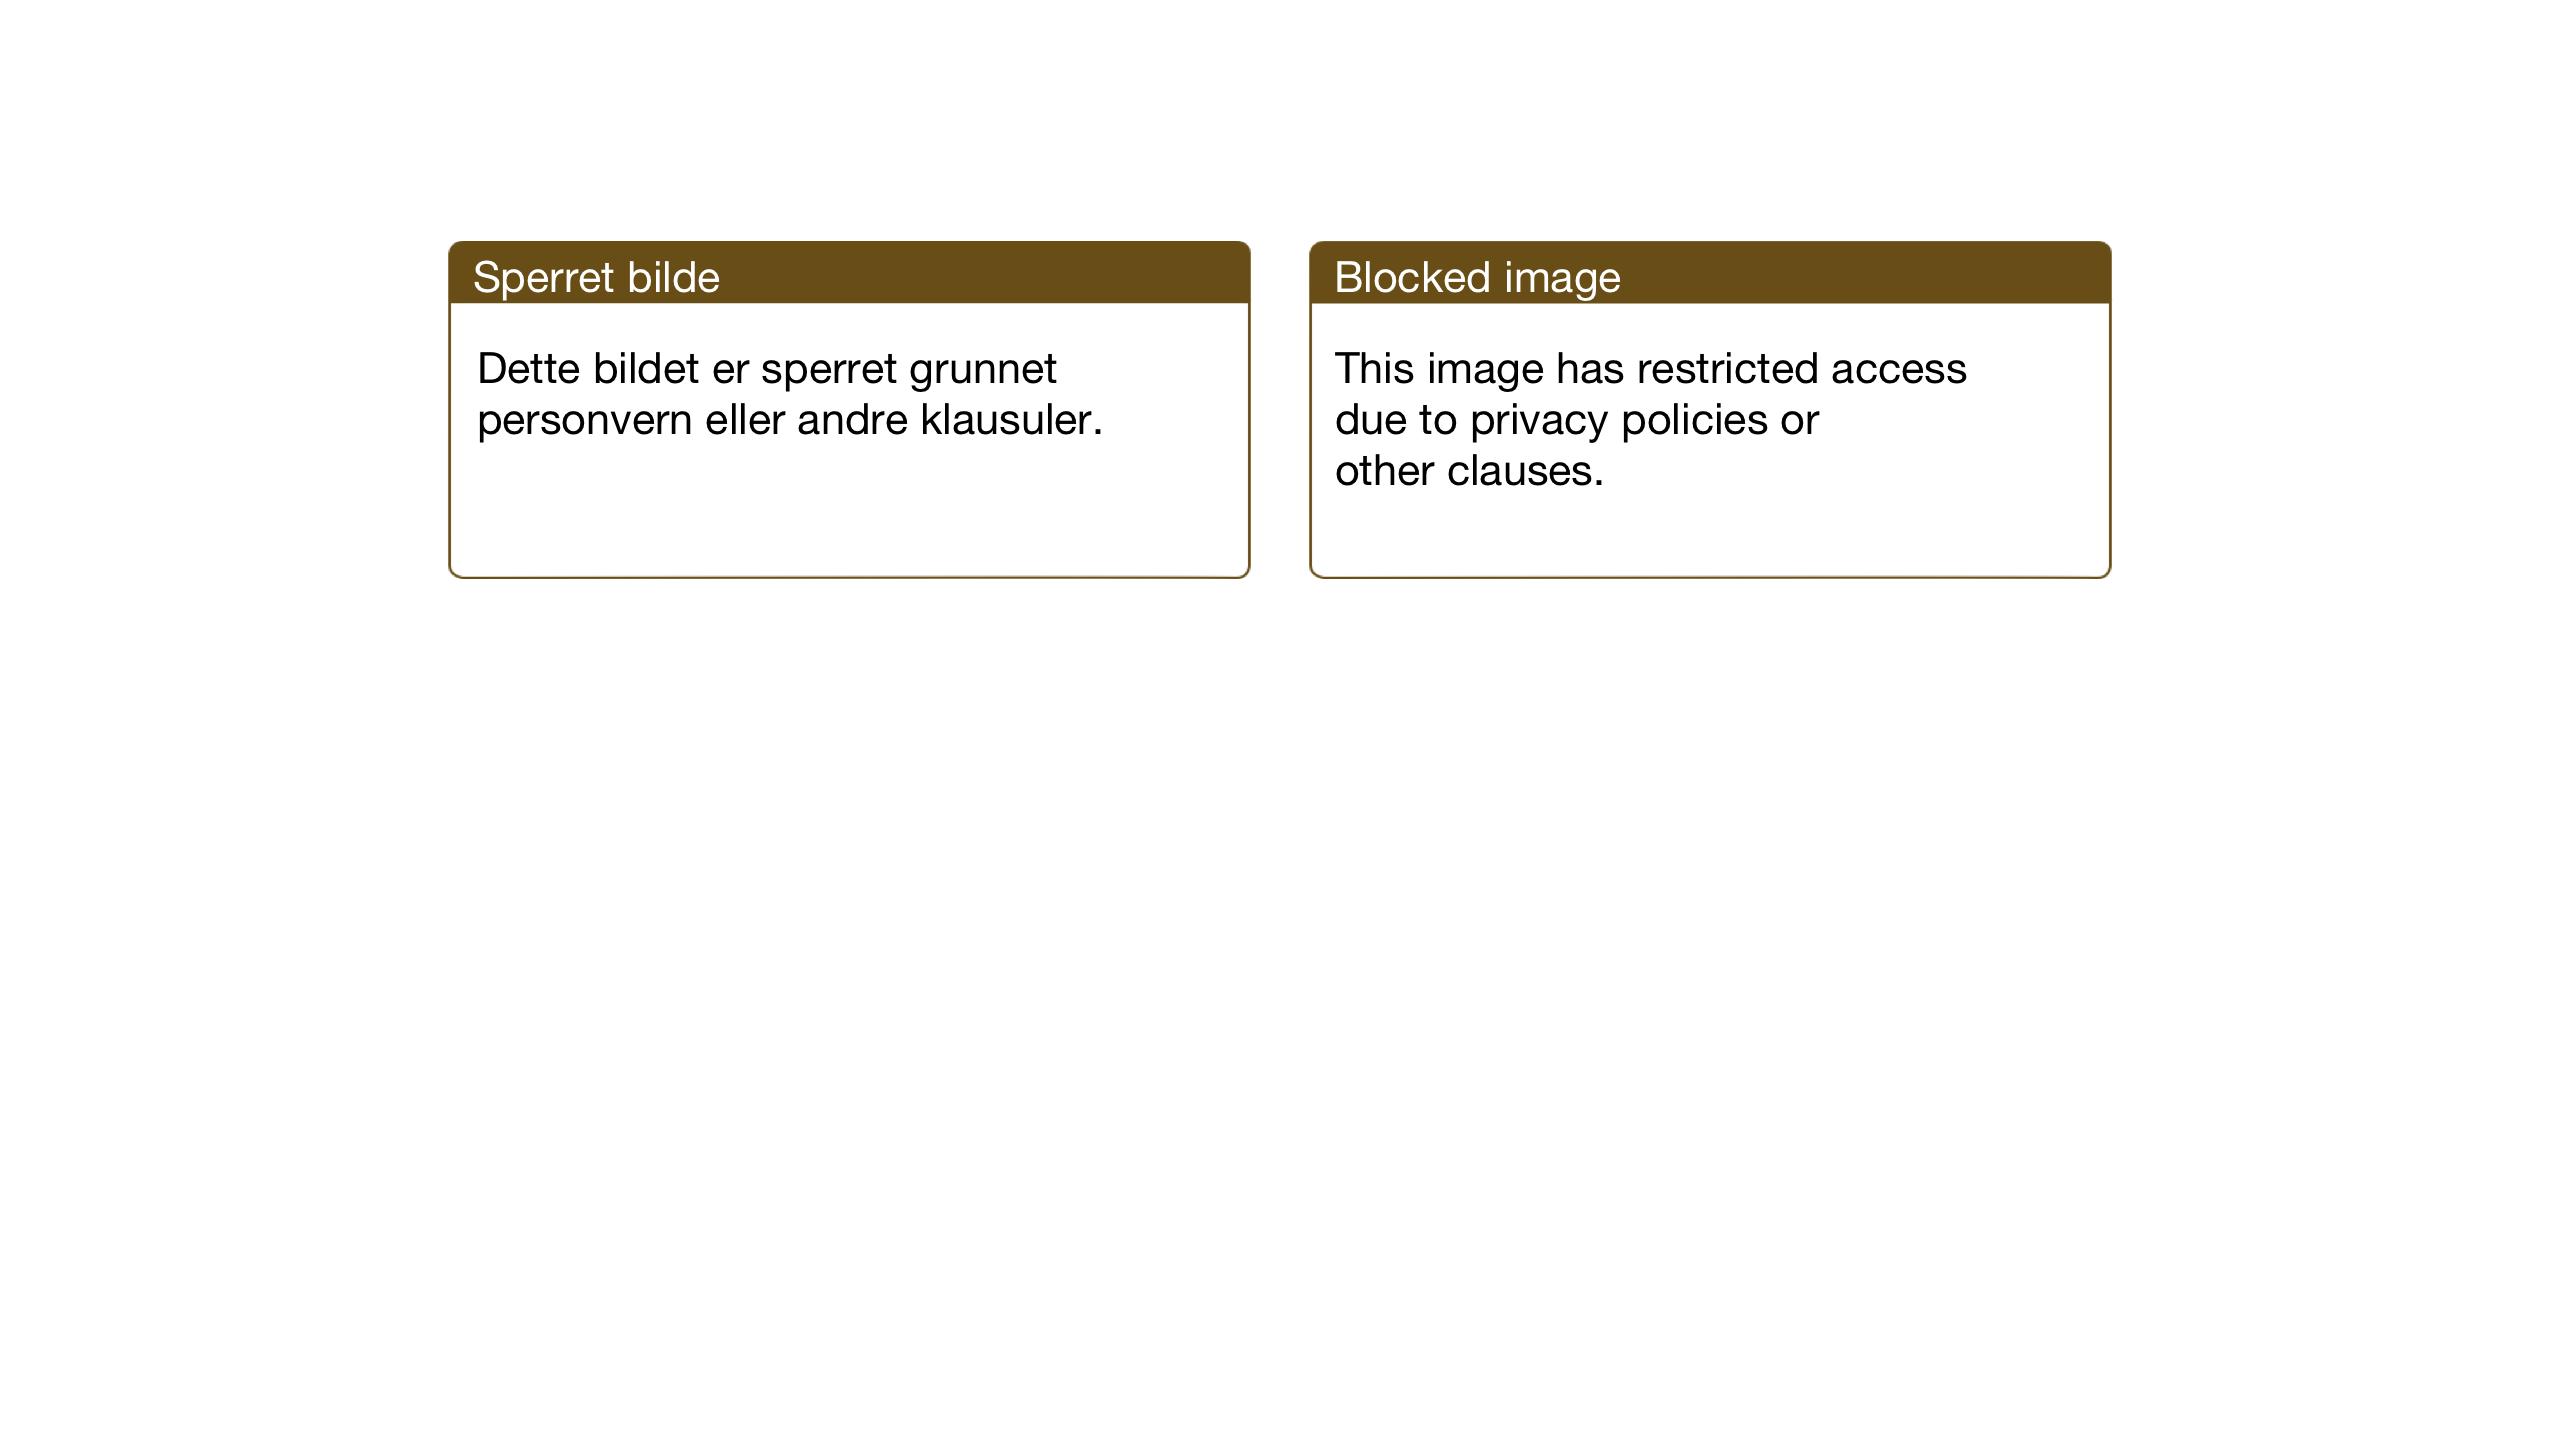 SAT, Ministerialprotokoller, klokkerbøker og fødselsregistre - Nord-Trøndelag, 770/L0592: Klokkerbok nr. 770C03, 1941-1950, s. 27